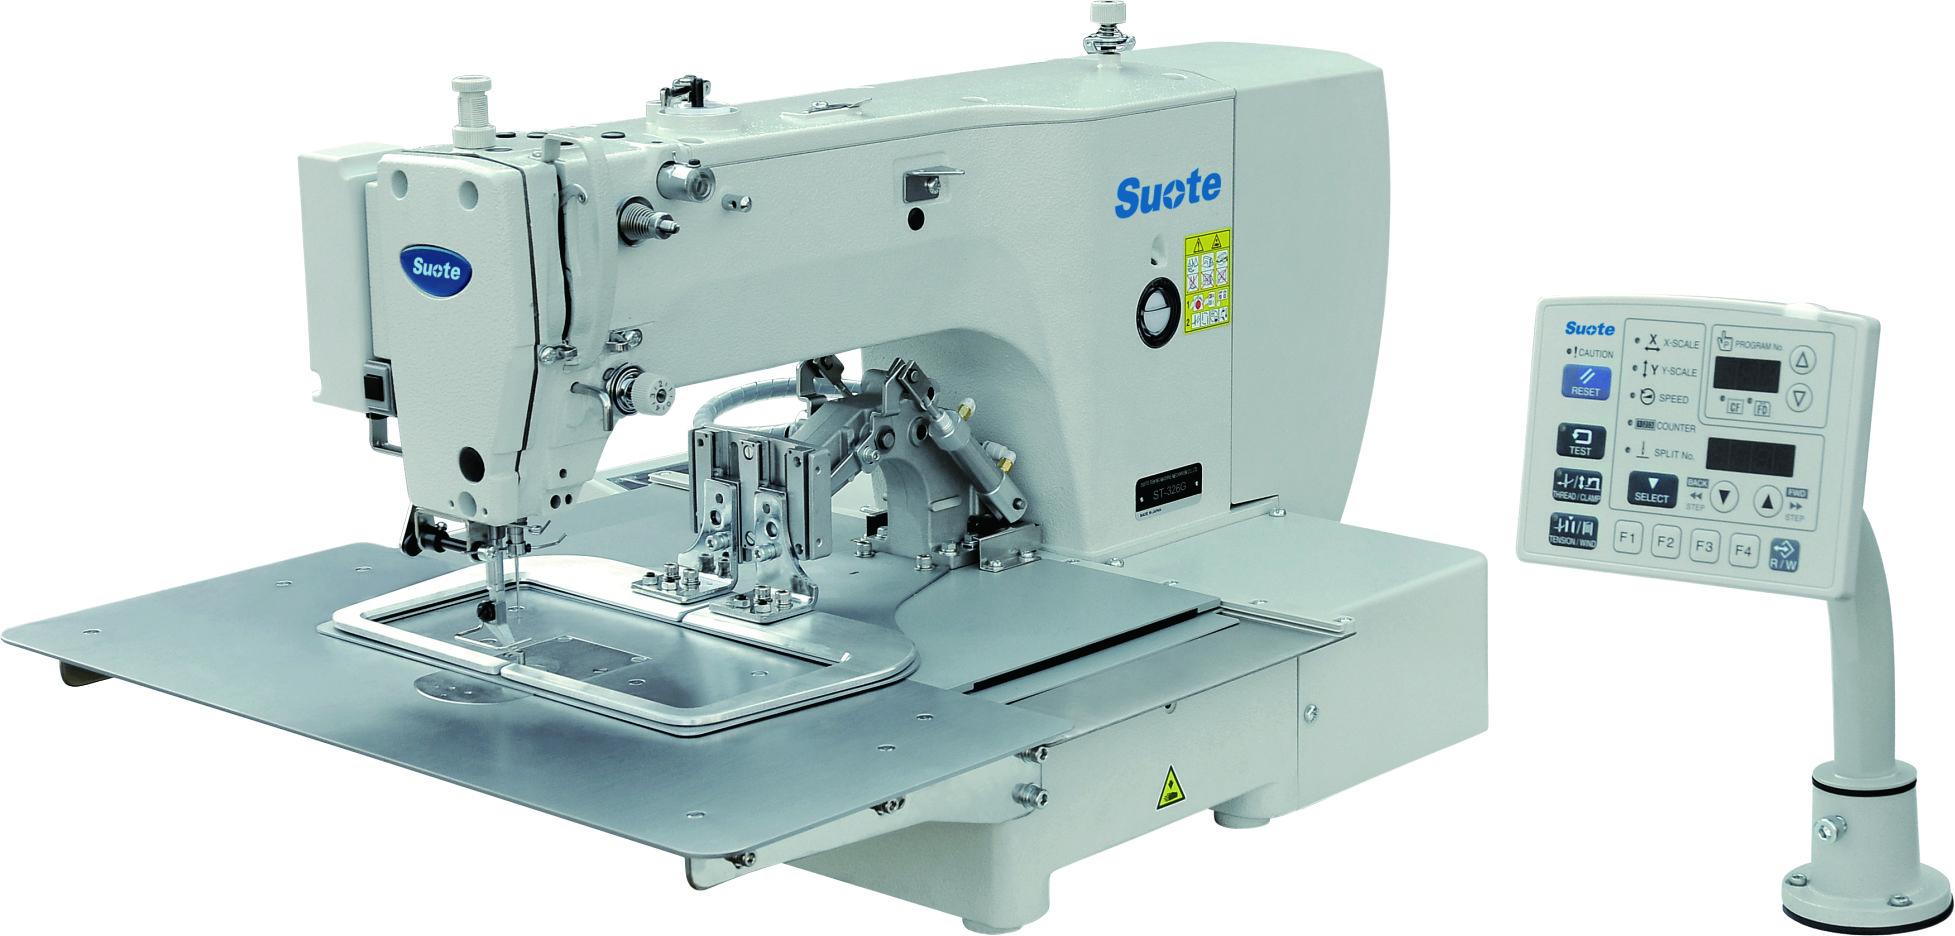 Як вибрати промислові швейні машини